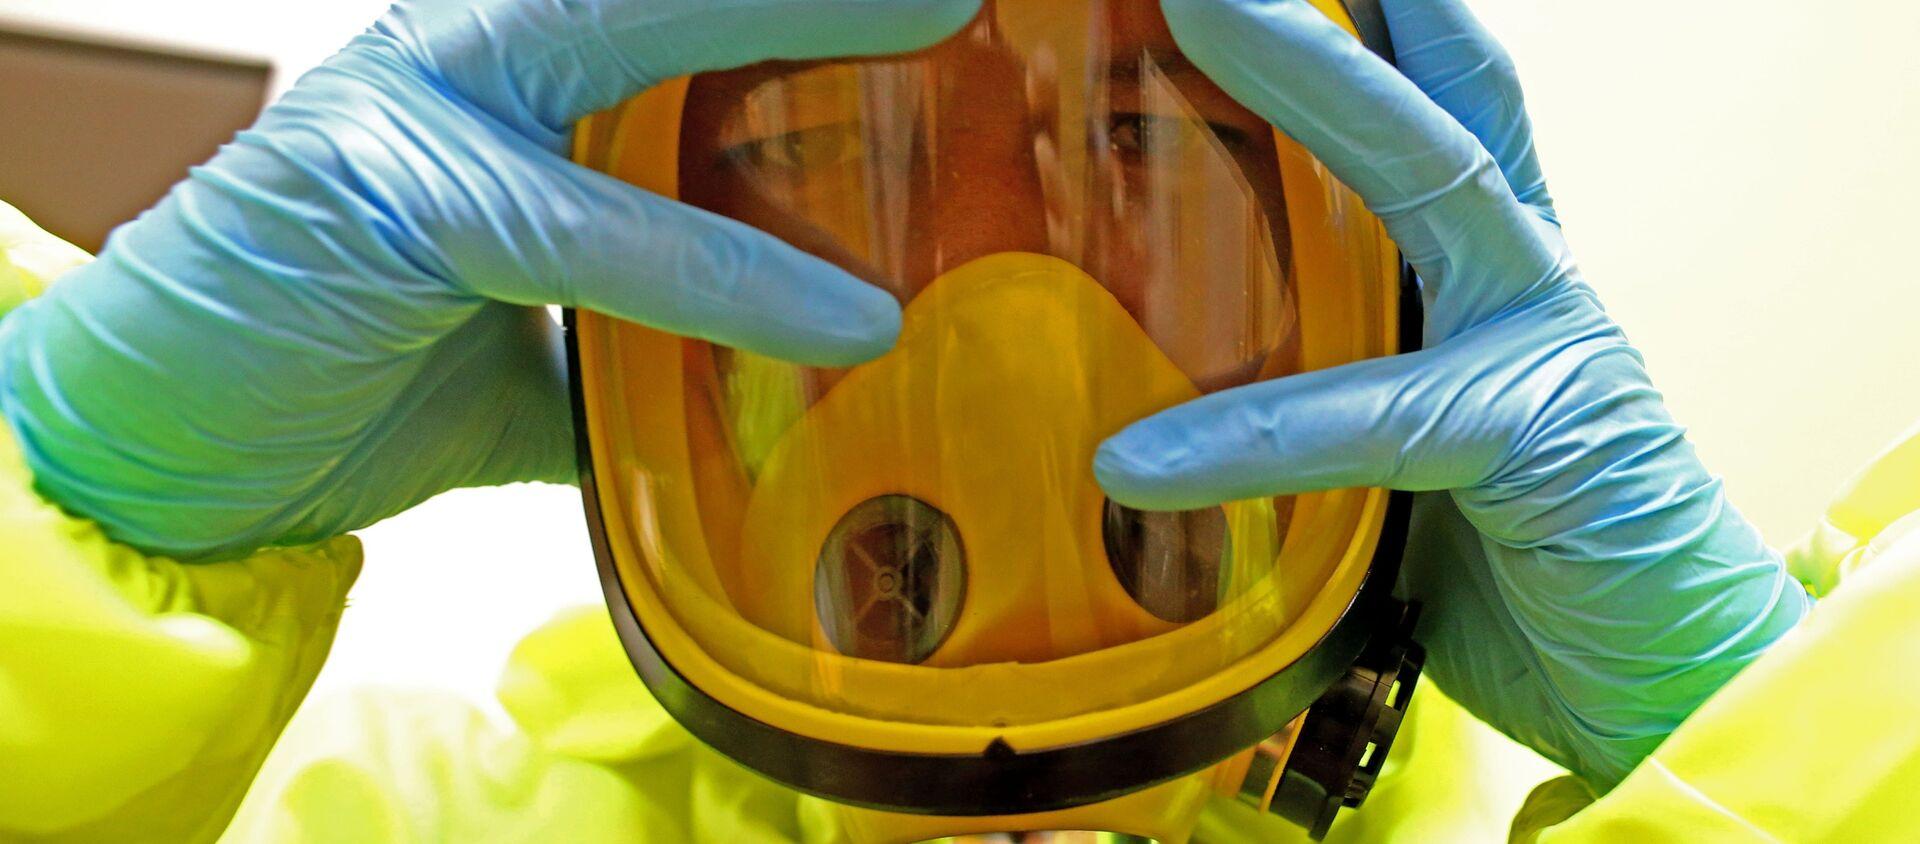 Une épidémie d'Ebola - Sputnik France, 1920, 15.08.2021